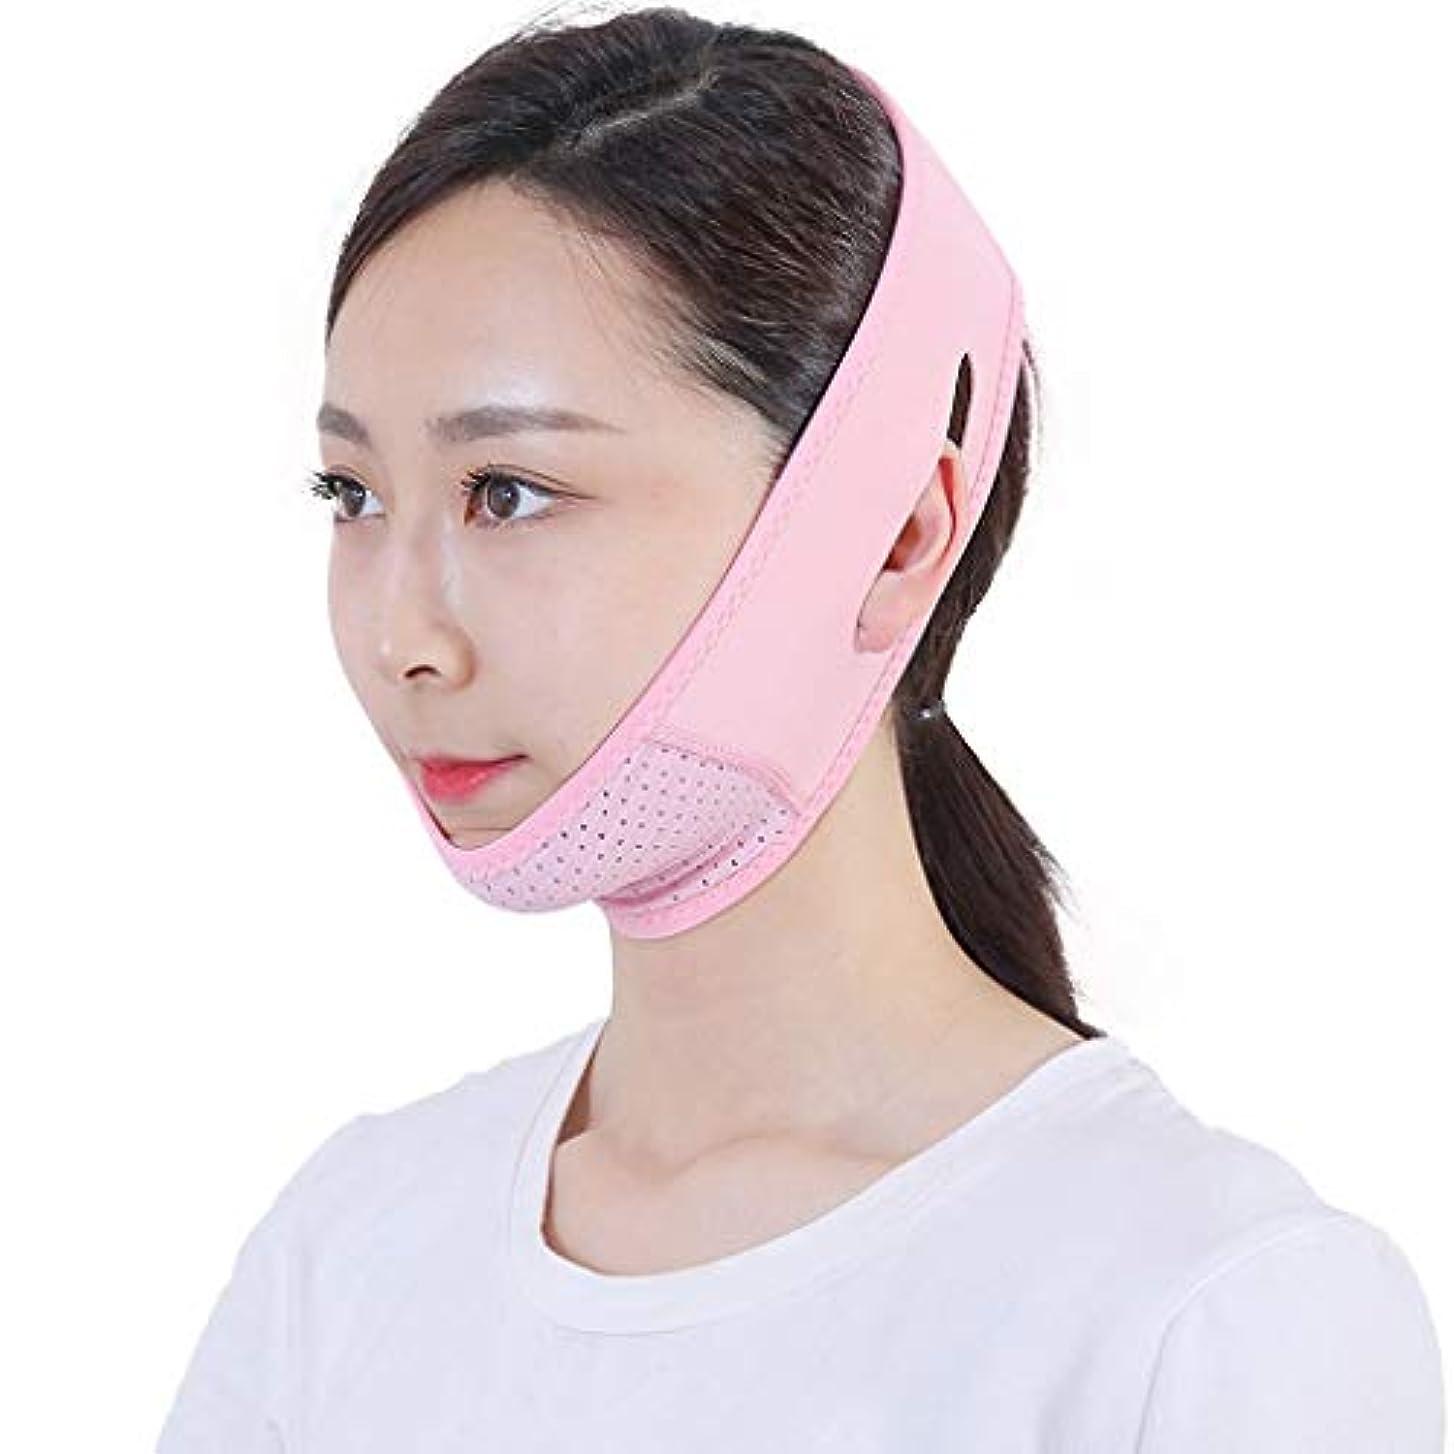 開いた出版叫び声Jia He 軽量 薄い顔ベルト、アンチリンクル薄い二重あごスリープ包帯をリフティング通気フェイスリフティング?フェイシャル包帯V面アーティファクト ## (Color : Pink)